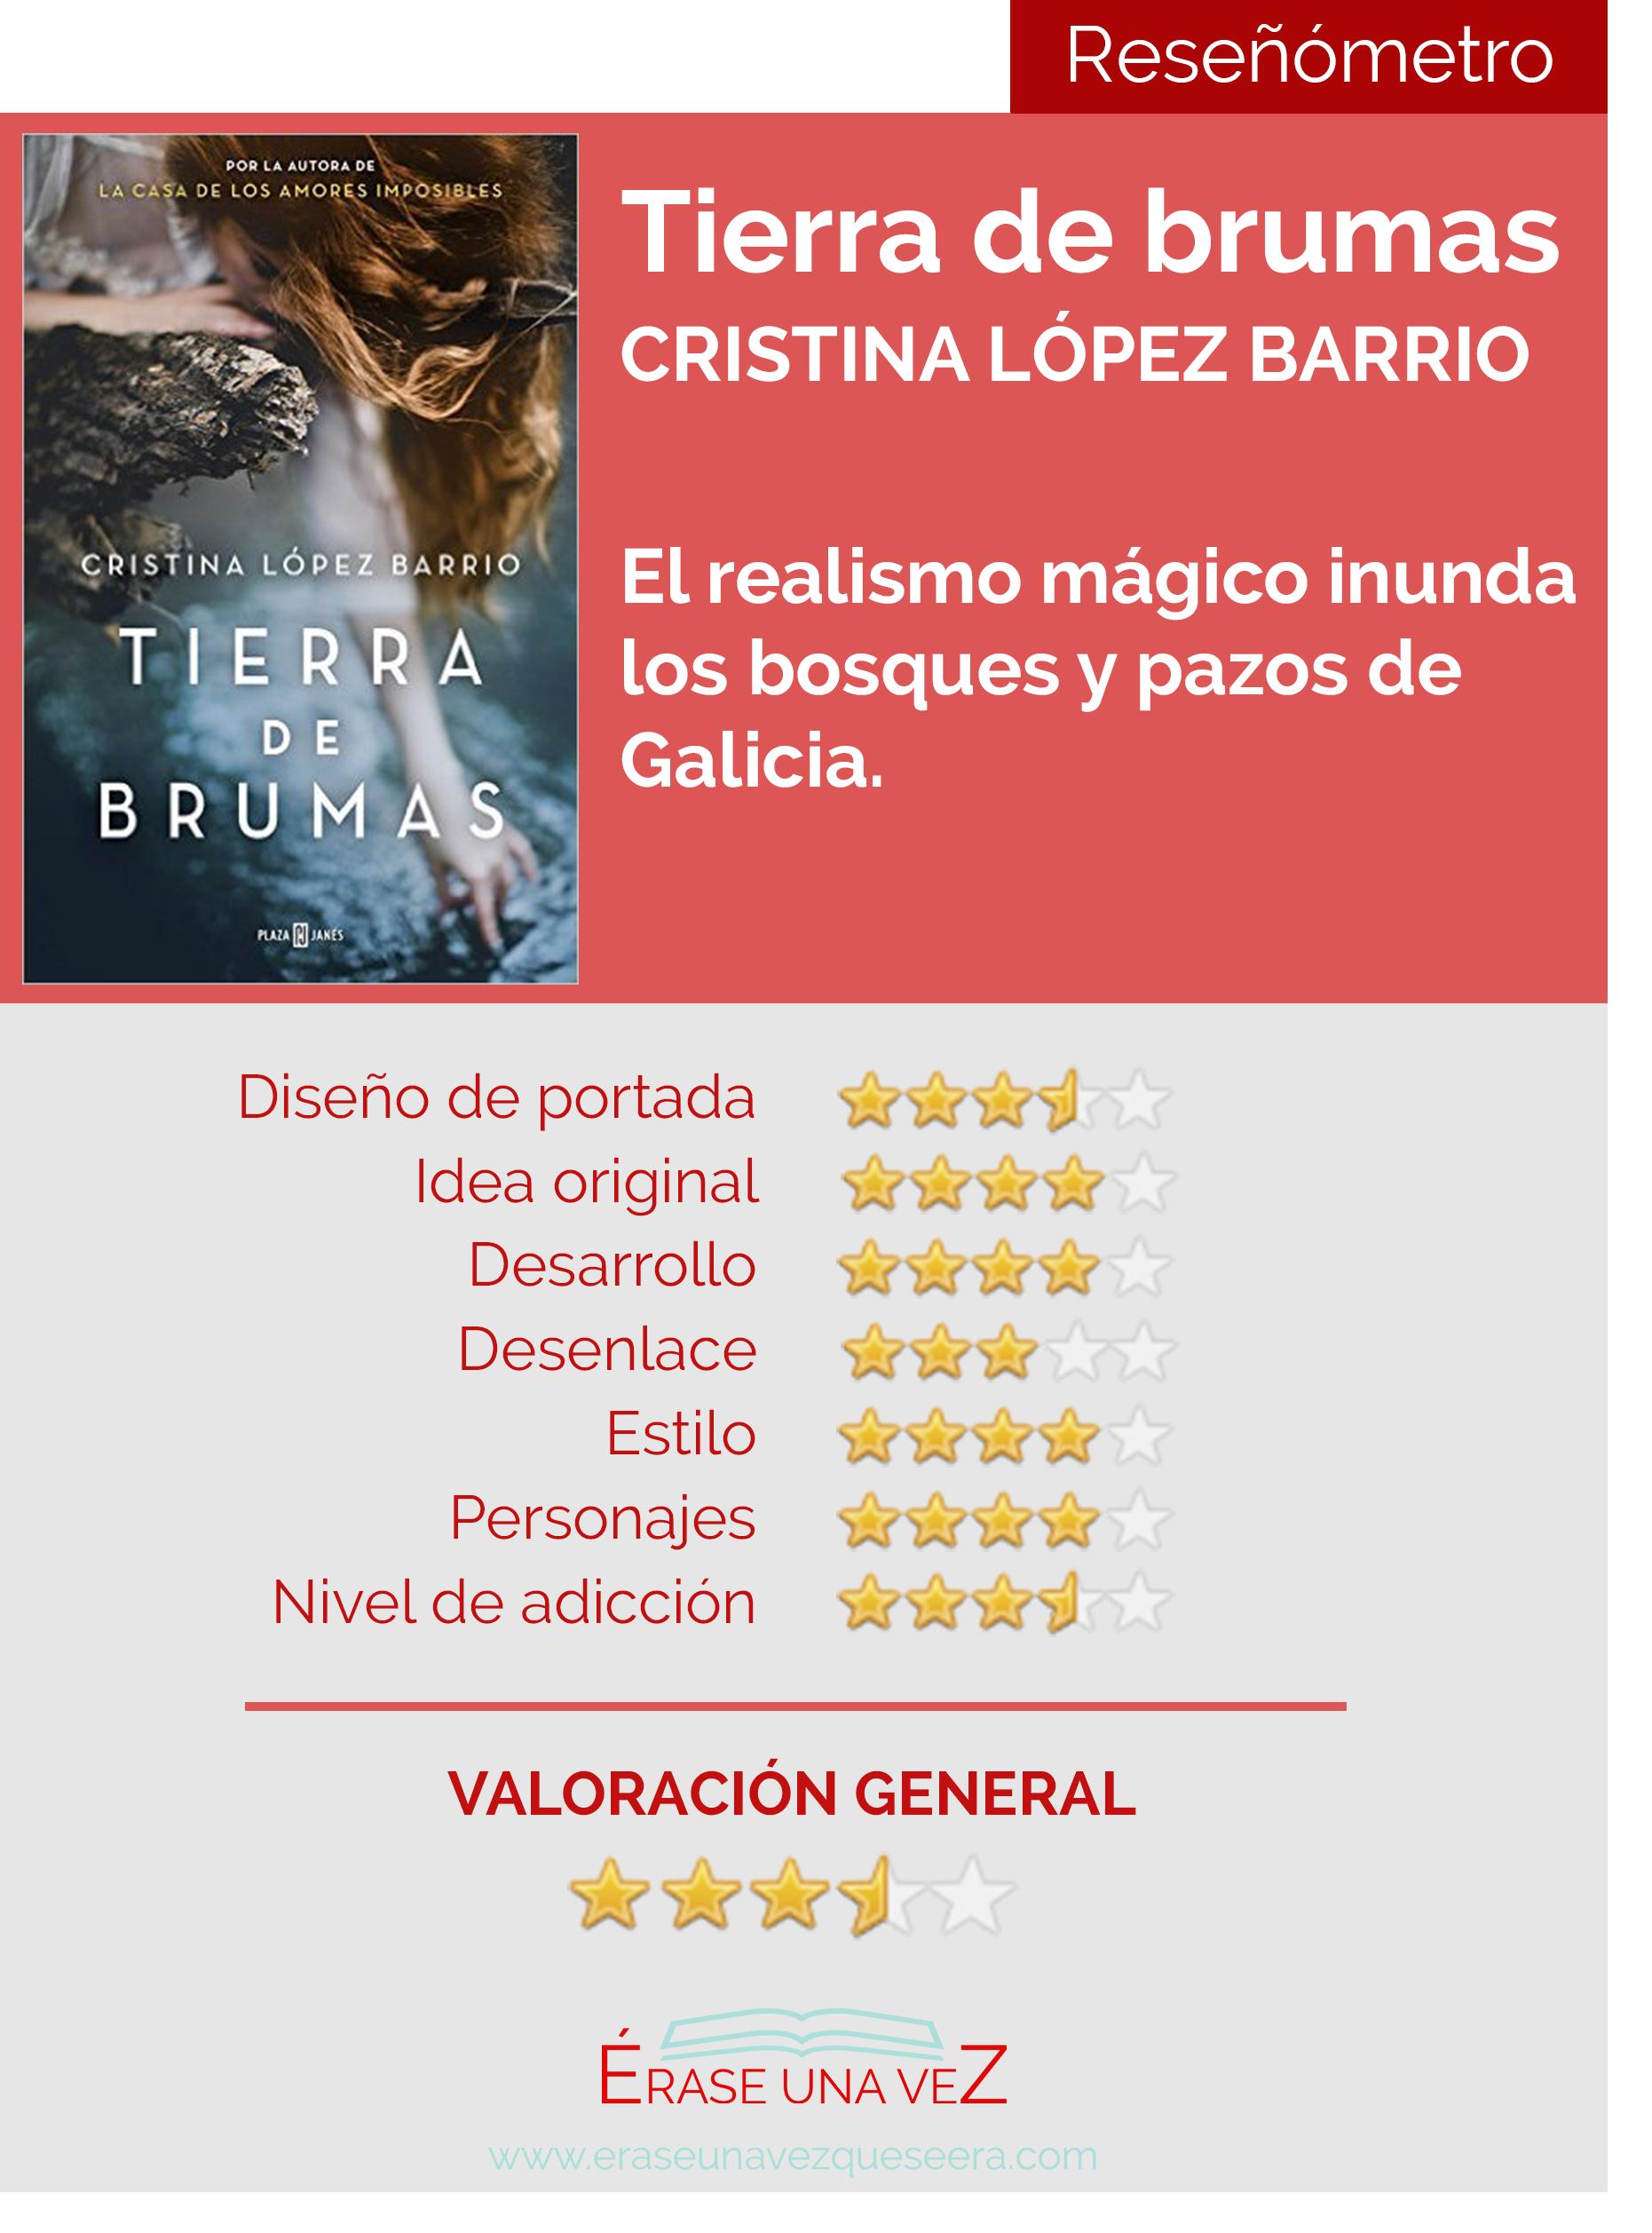 Tierra de Brumas, de Cristina López Barrio. Reseñómetro